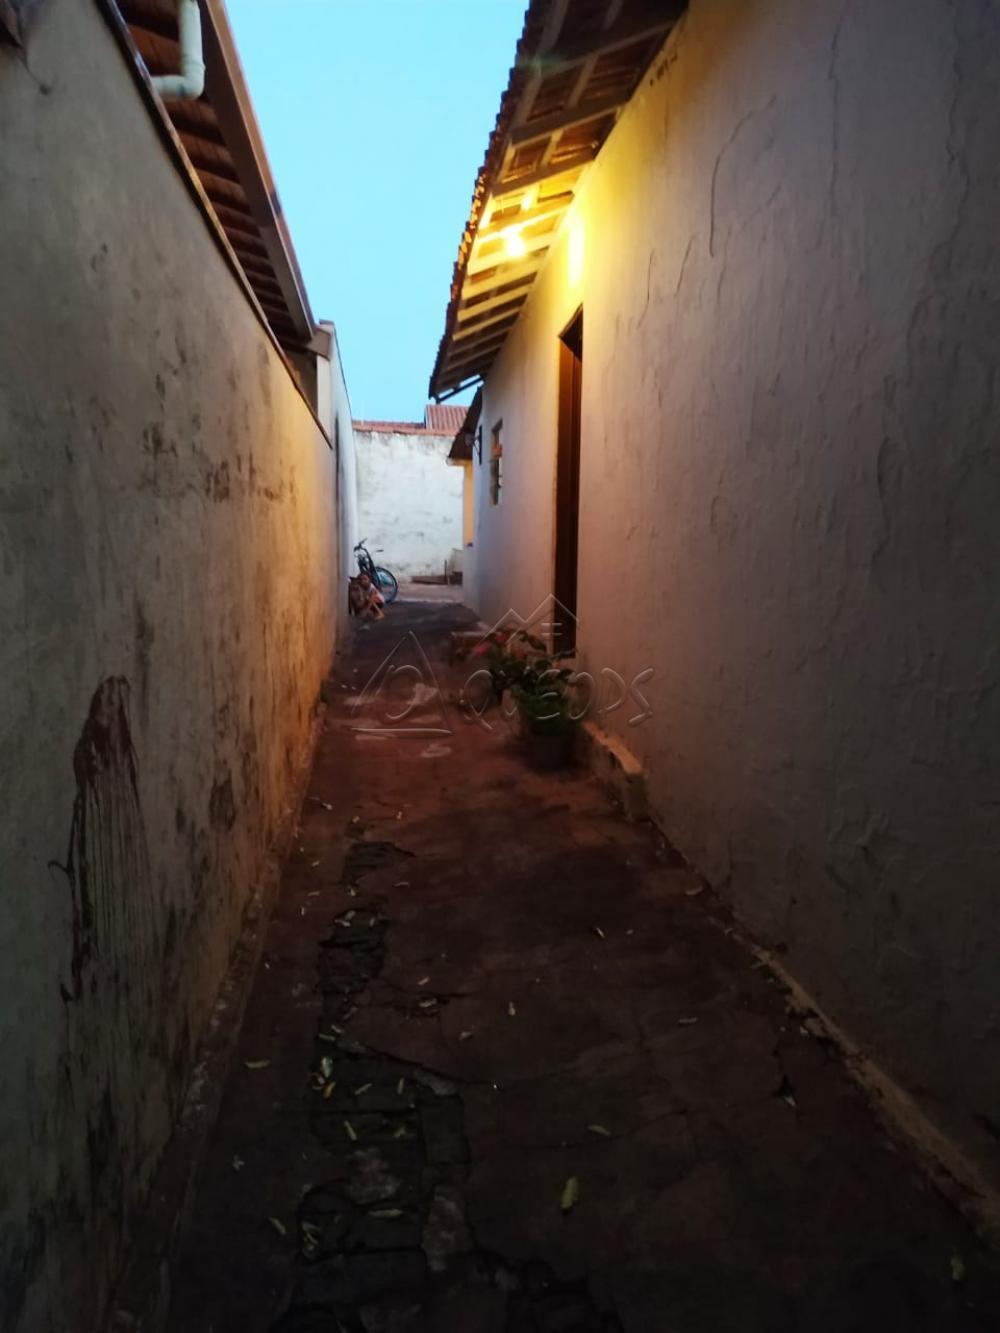 Comprar Casa / Padrão em Barretos apenas R$ 180.000,00 - Foto 4